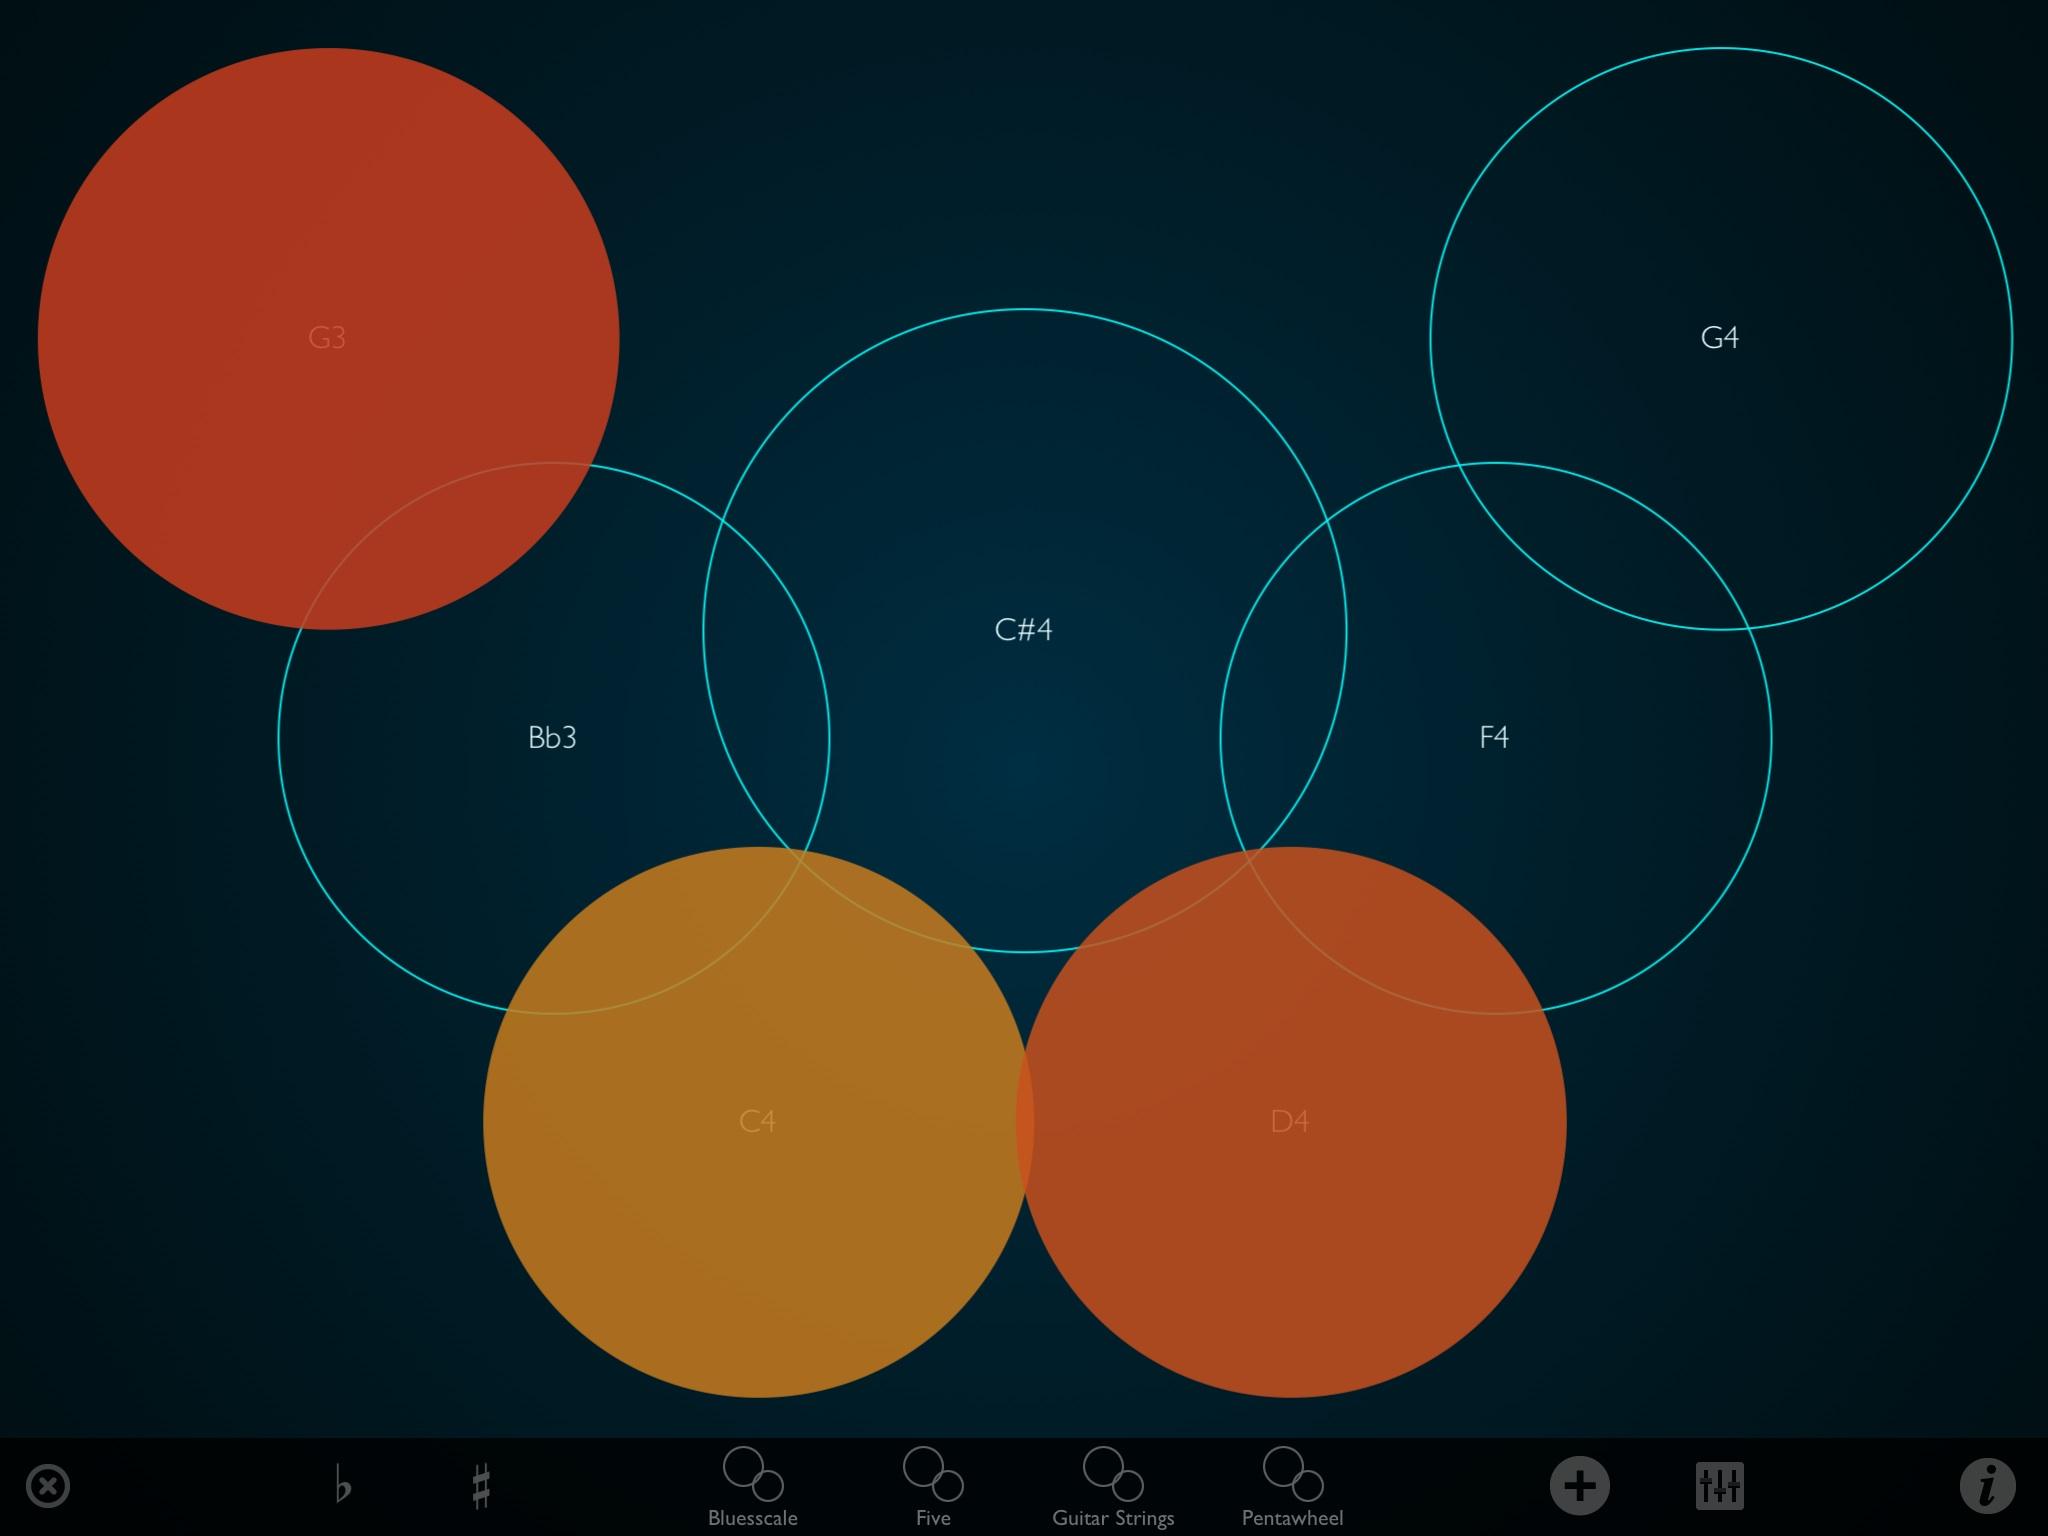 Eine Bildschirmoberfläche hat einen dunkelblauen Hintergrund, auf dem sieben unterschiedlich große Kreise sind. Drei sind orange-gelb gefüllt. Die ungefüllten Kreise haben  jeweils eine Notenbezeichnung. Unten gibt es eine Leiste, die verschiedene Funktionen ermöglicht.